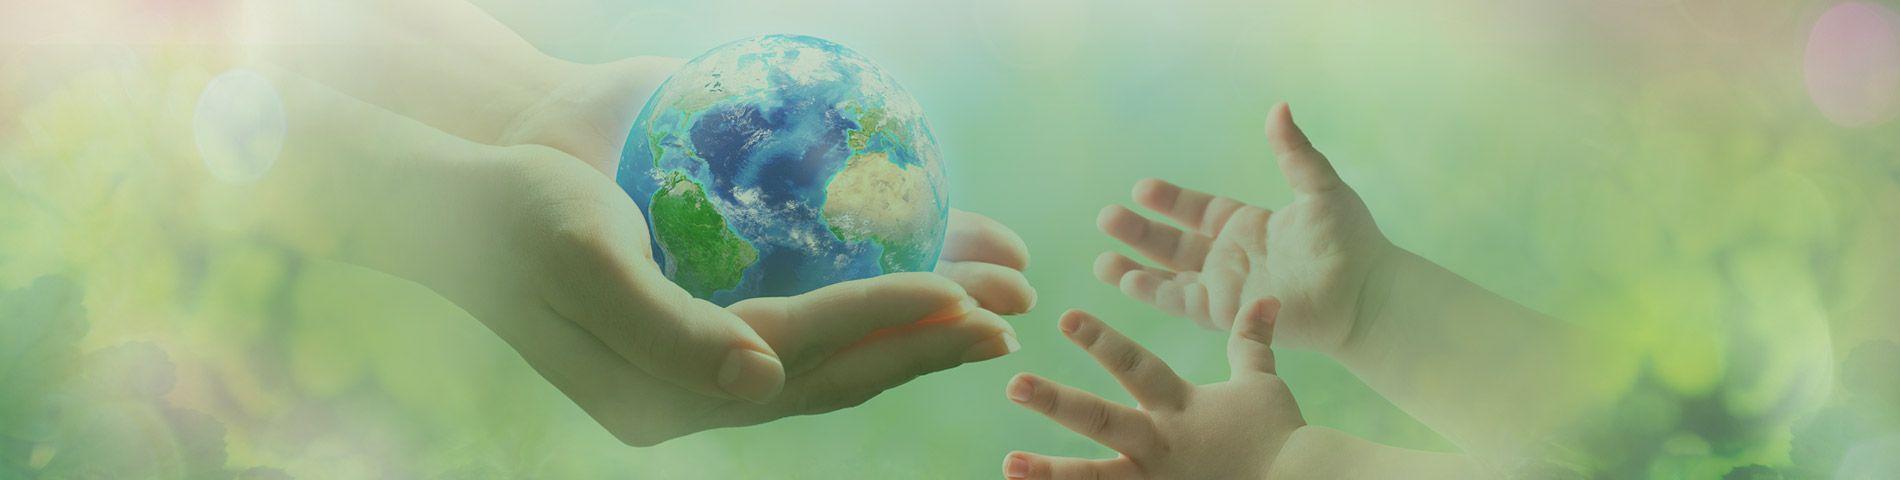 Oplossingen voor Milieu en toekomst